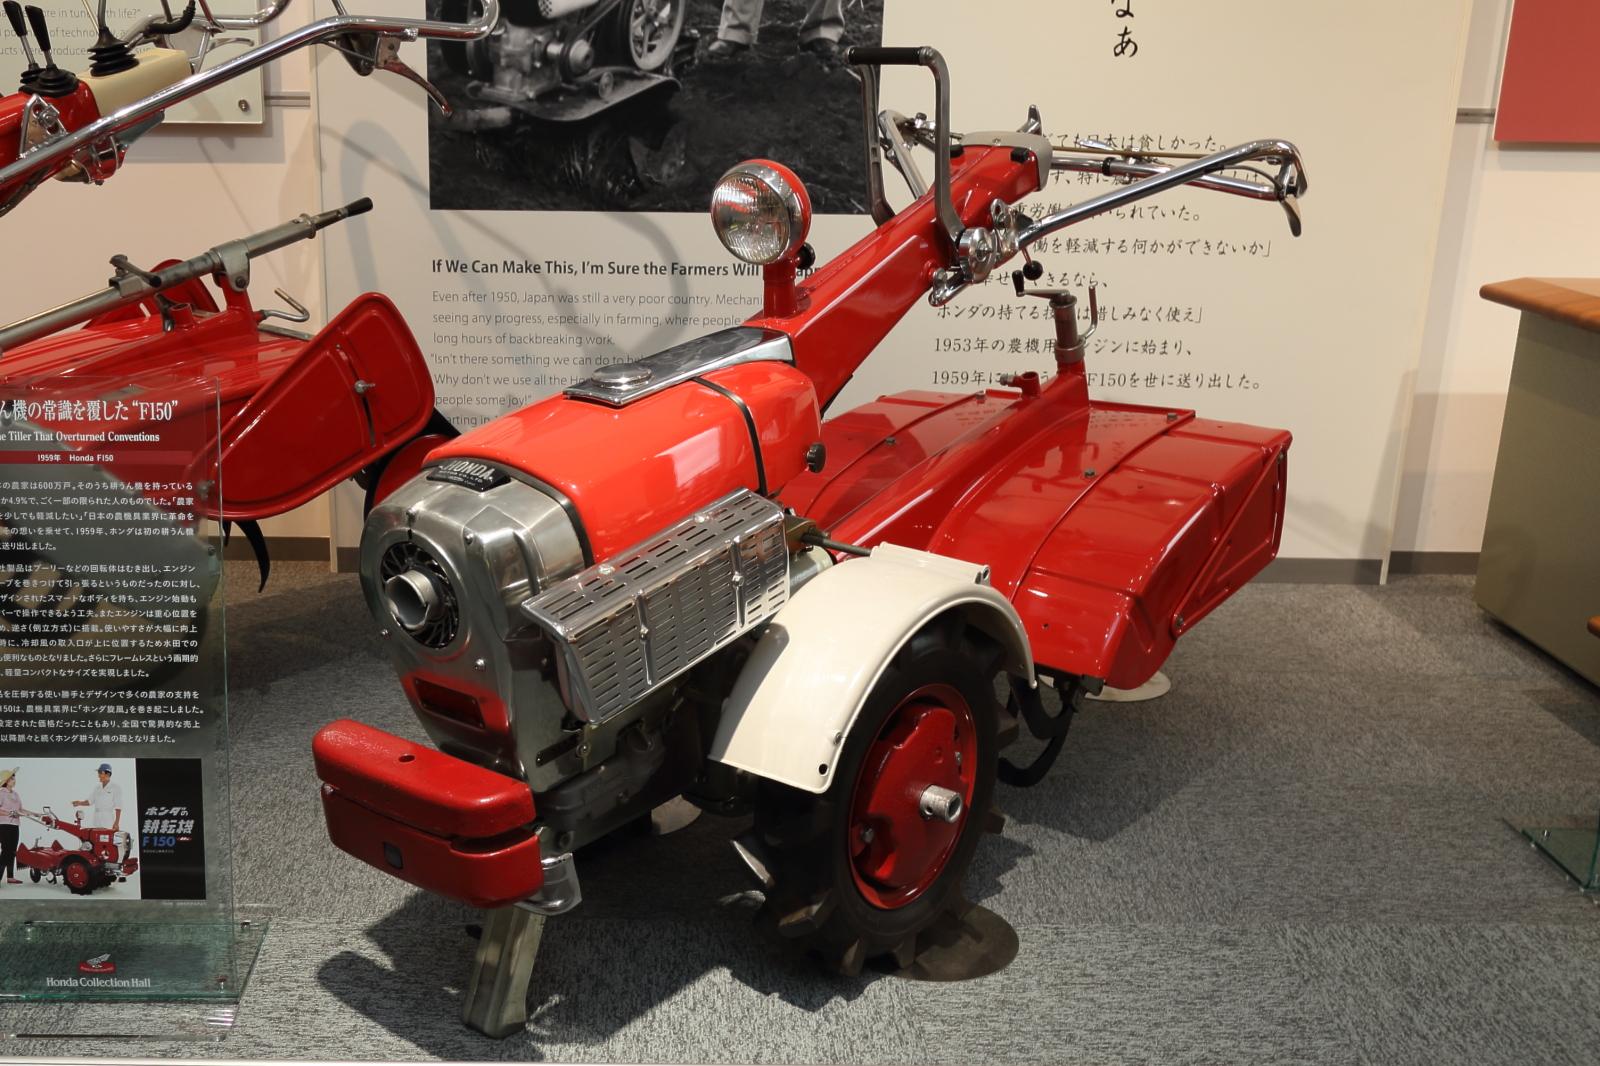 「F150型耕うん機」に採用された赤いボディーカラー、これこそが5年後にデビューするホンダ「S500」に採用された赤なのだ